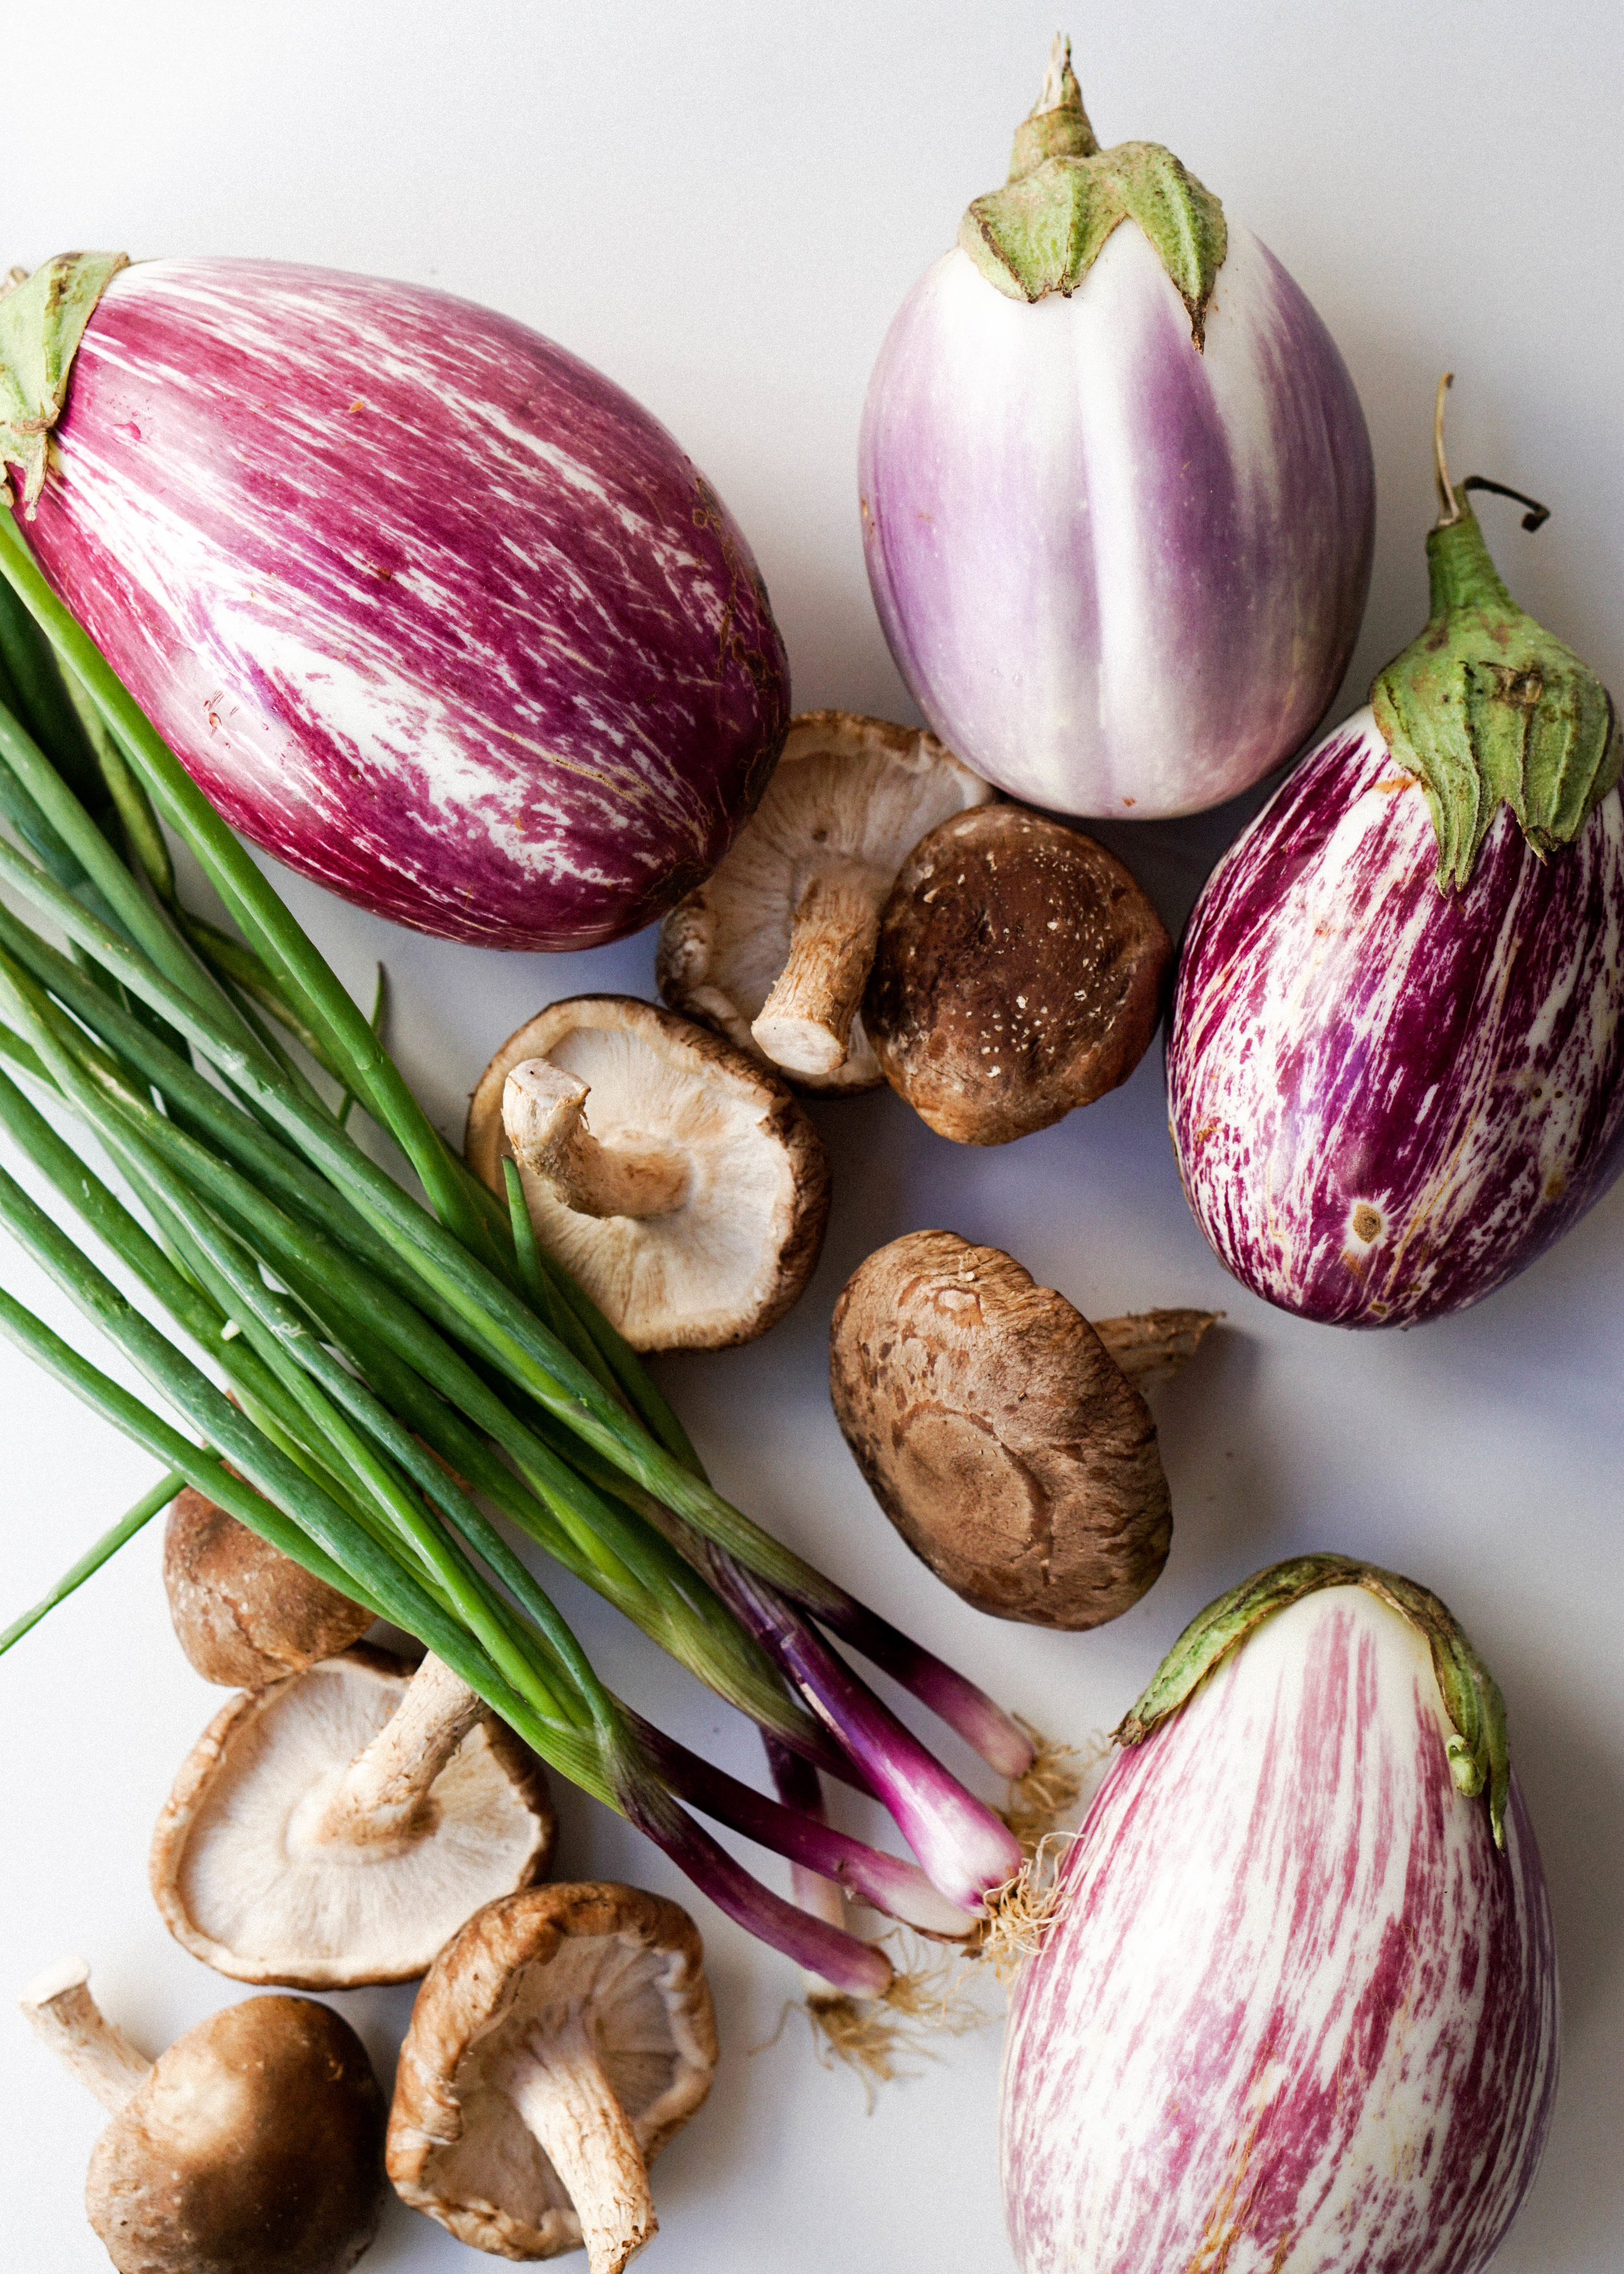 Sticky Rice Stuffed Eggplant